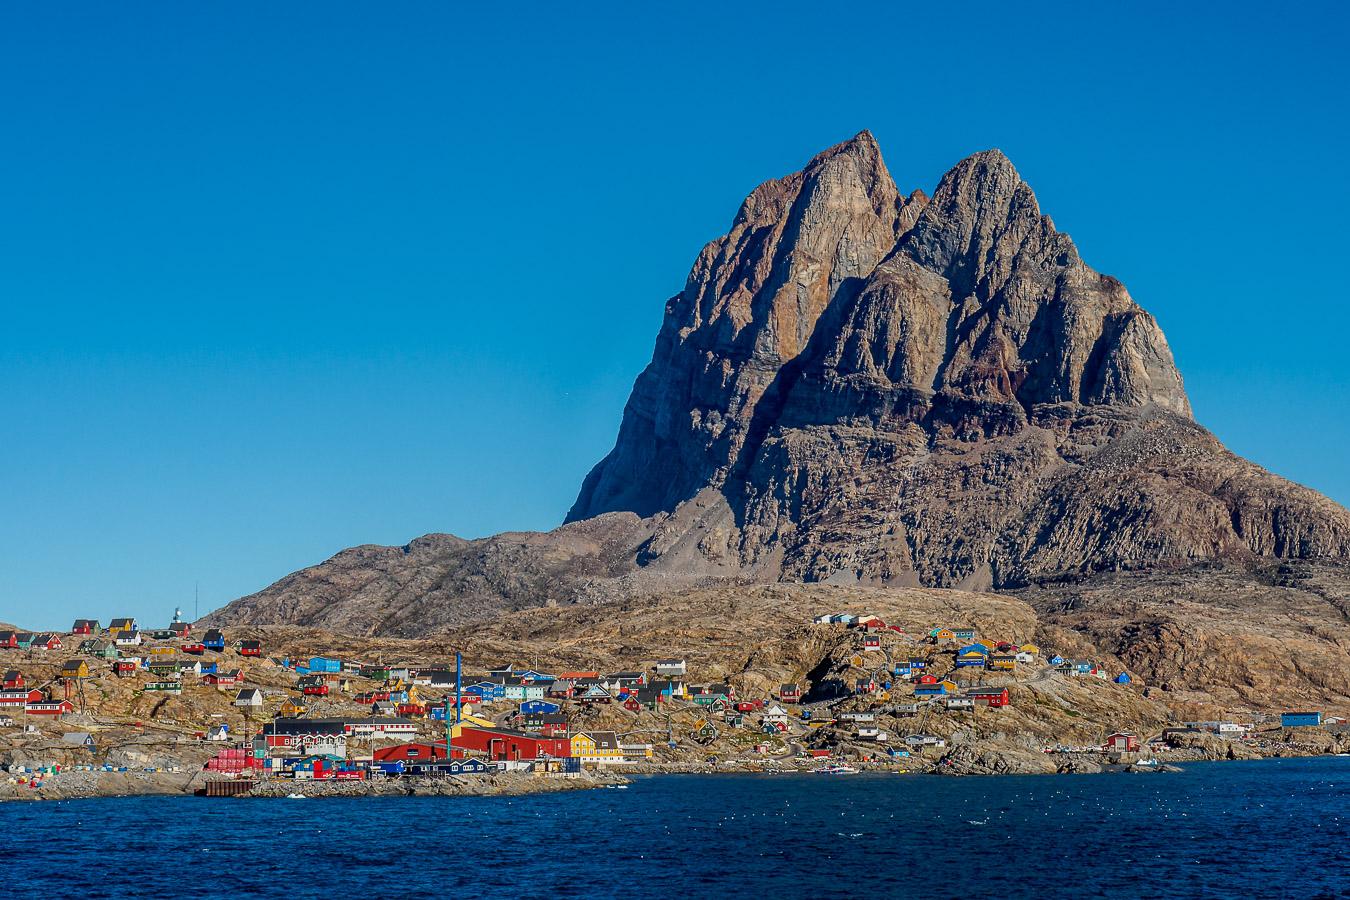 """Uummannaq bedeutet so viel wie """"Robbenherz-förmig"""", 1250 Einwohner, Uummannaq, Westgrönland, 600 km nördlich des Polarkreises"""